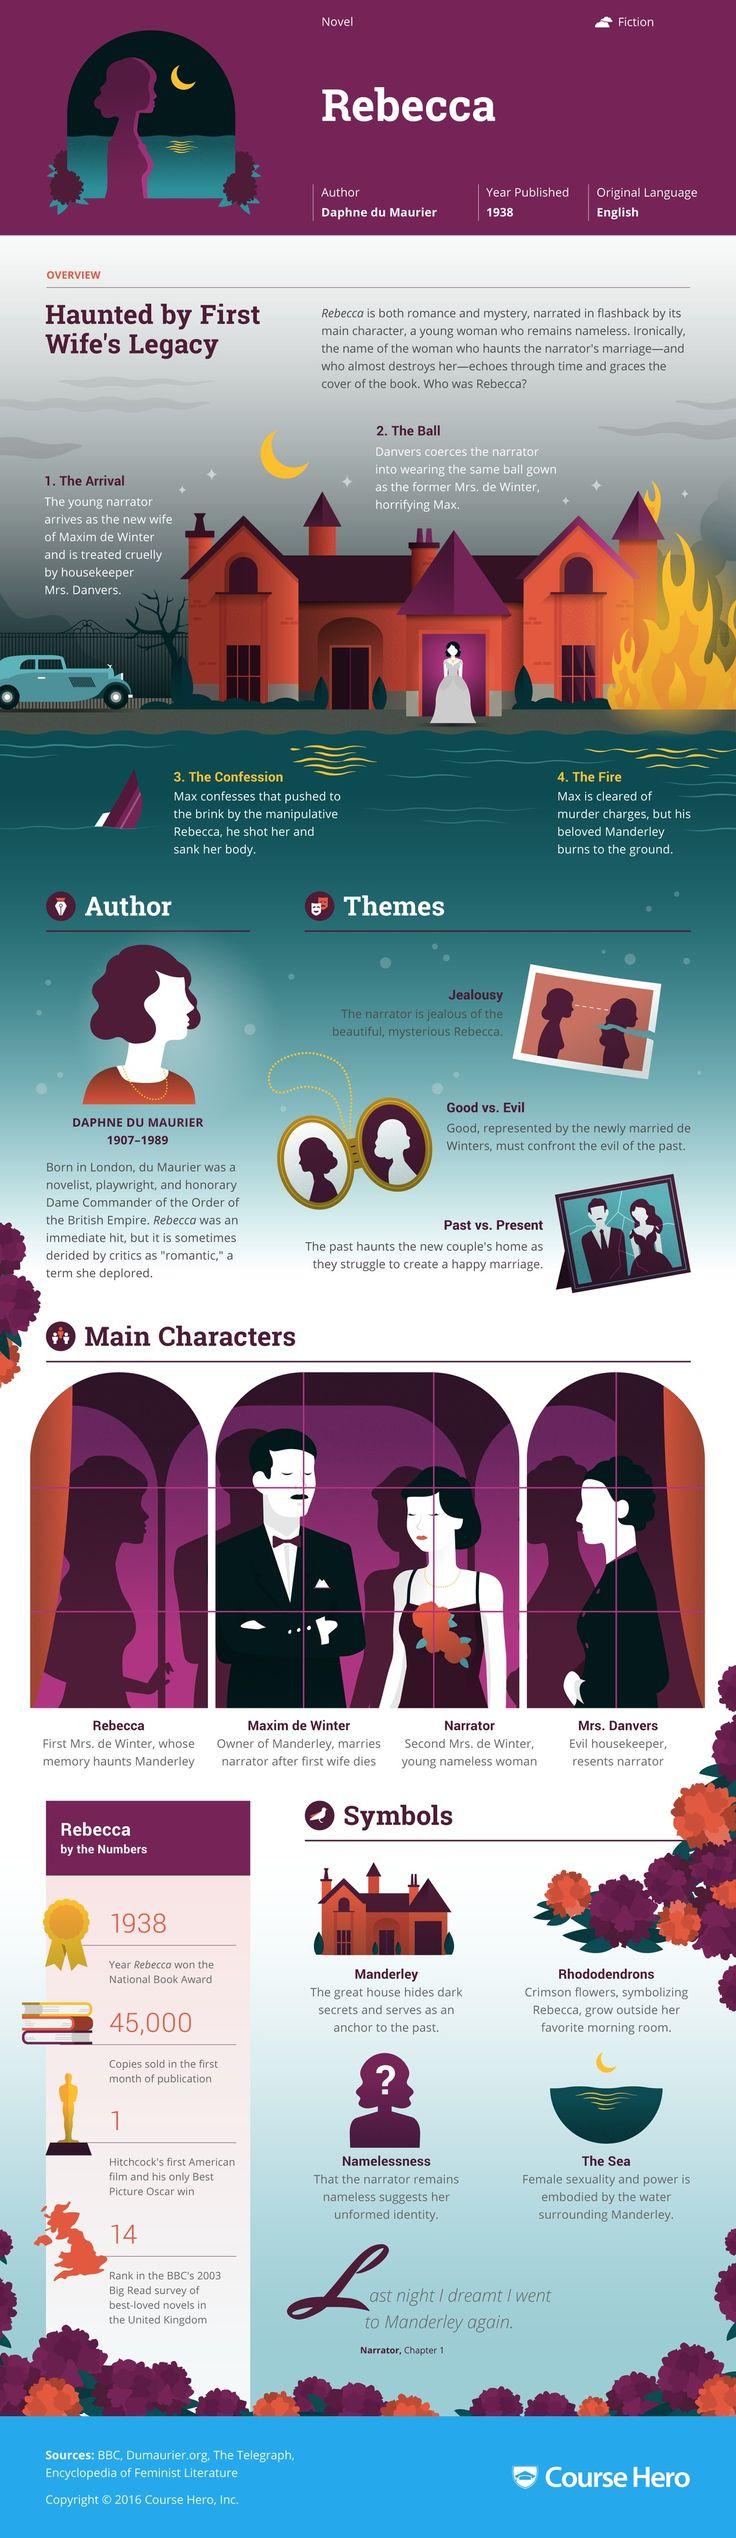 Rebecca Infographic | Course Hero